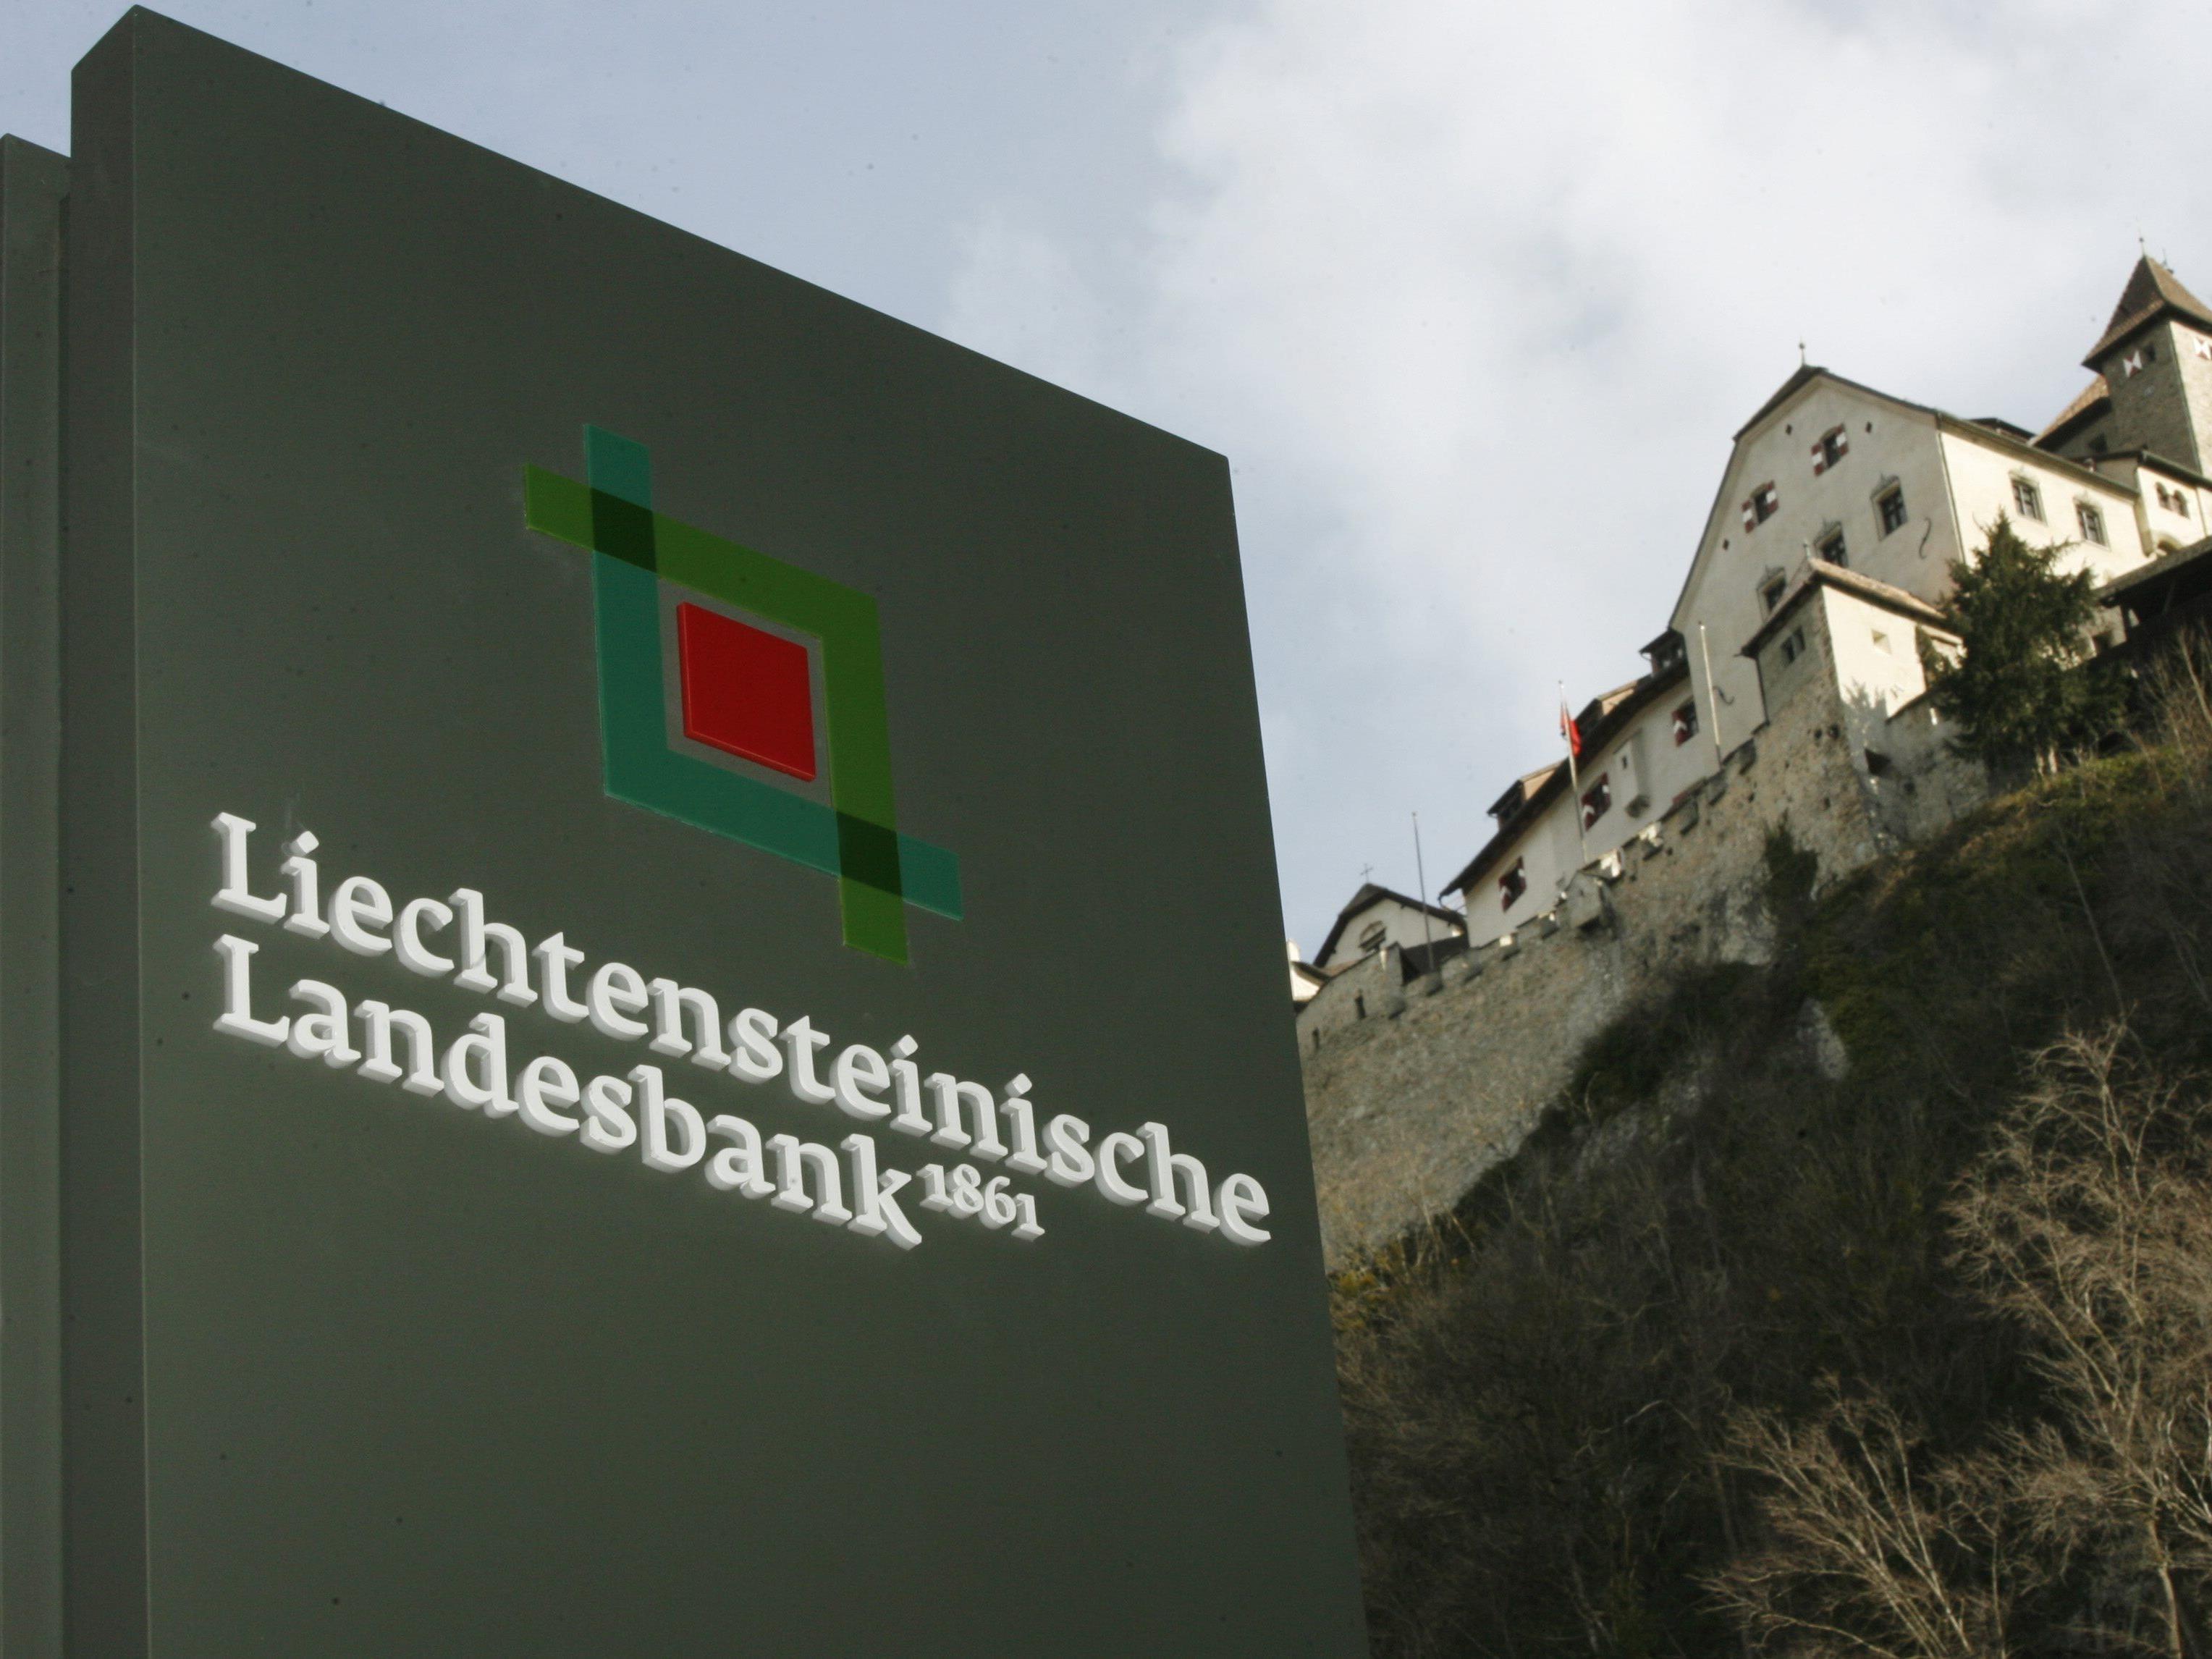 LLB schloss Schweizer Tochter - Geldabfluss von 2,5 Mrd. Franken